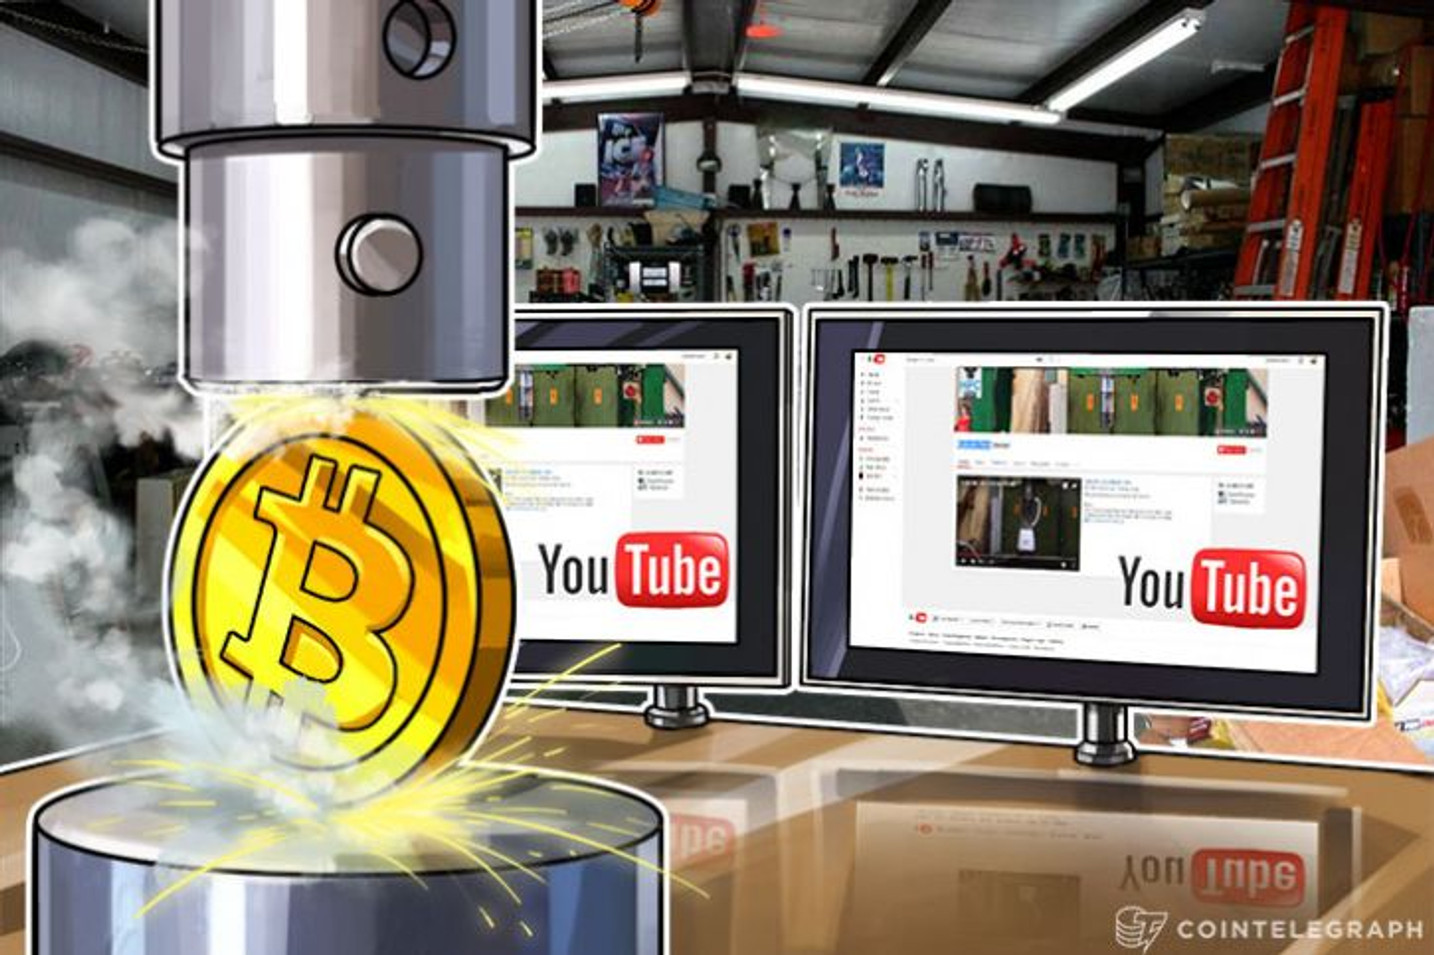 El Banco Central de Polonia financió secretamente vídeos de propaganda anti-cripto en Youtube